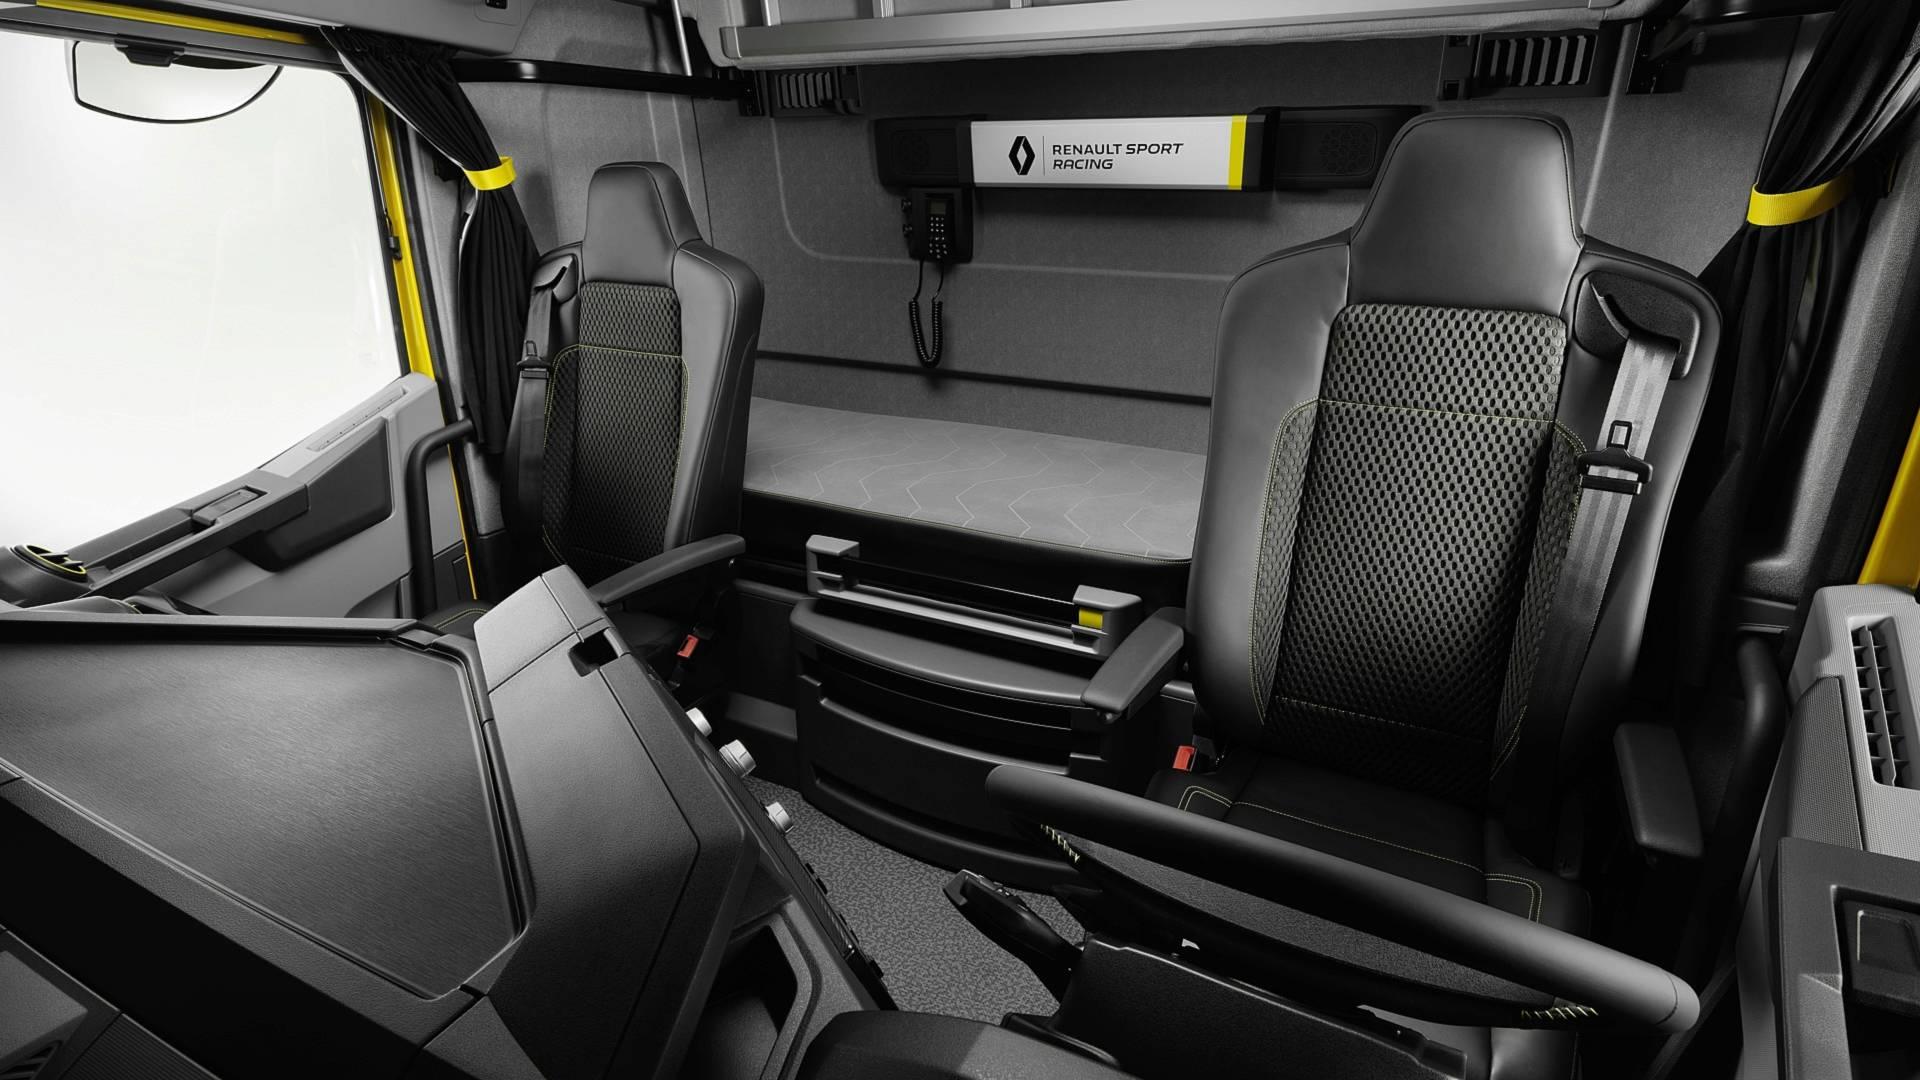 Camion Renault Sport interieur